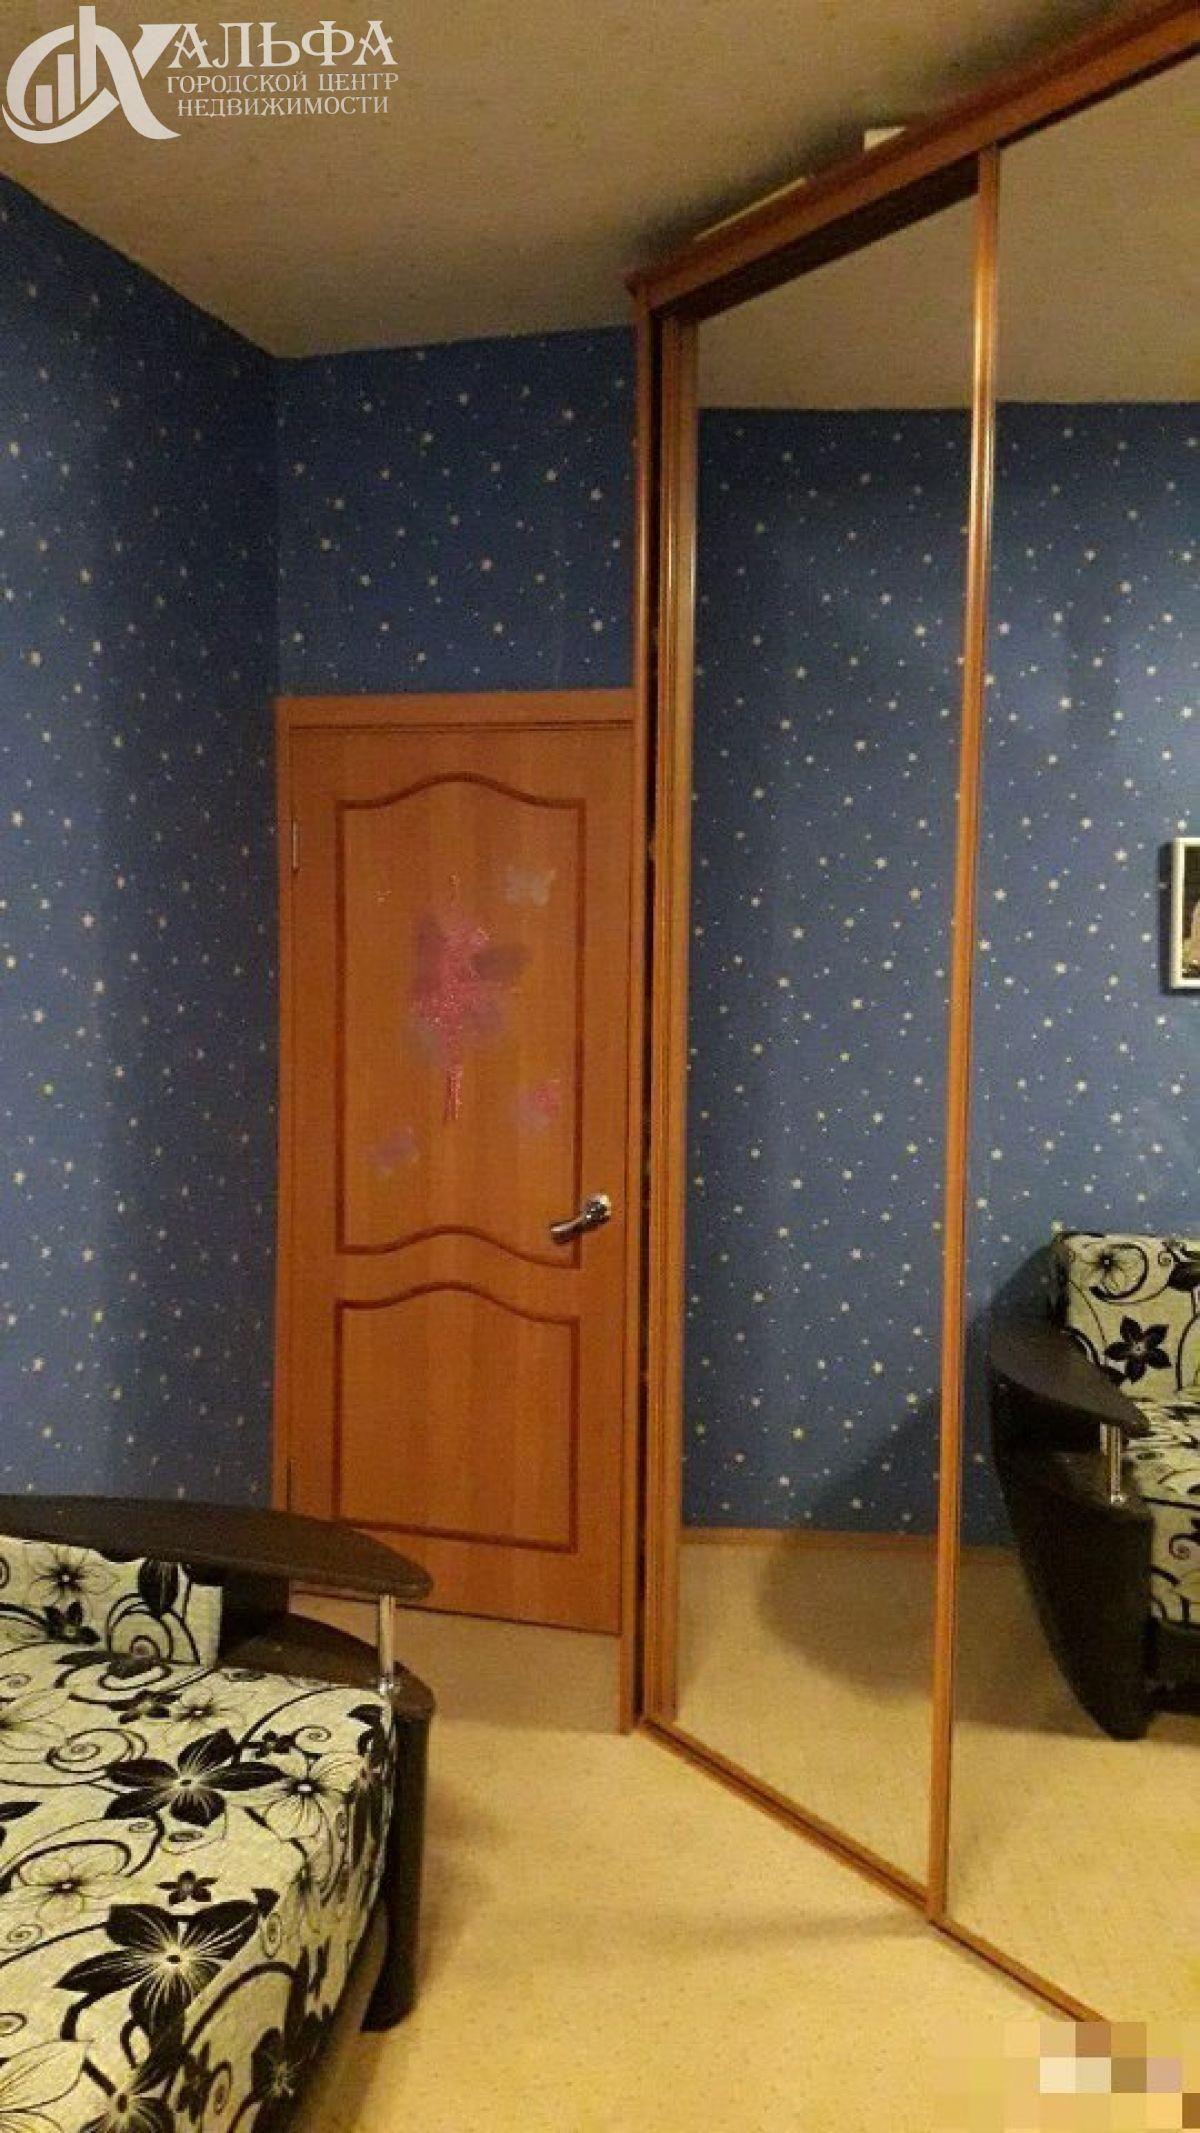 Продам 2-комн. квартиру, Ханты-Мансийский Автономный округ - Югра, Нижневартовск, Интернациональная ул